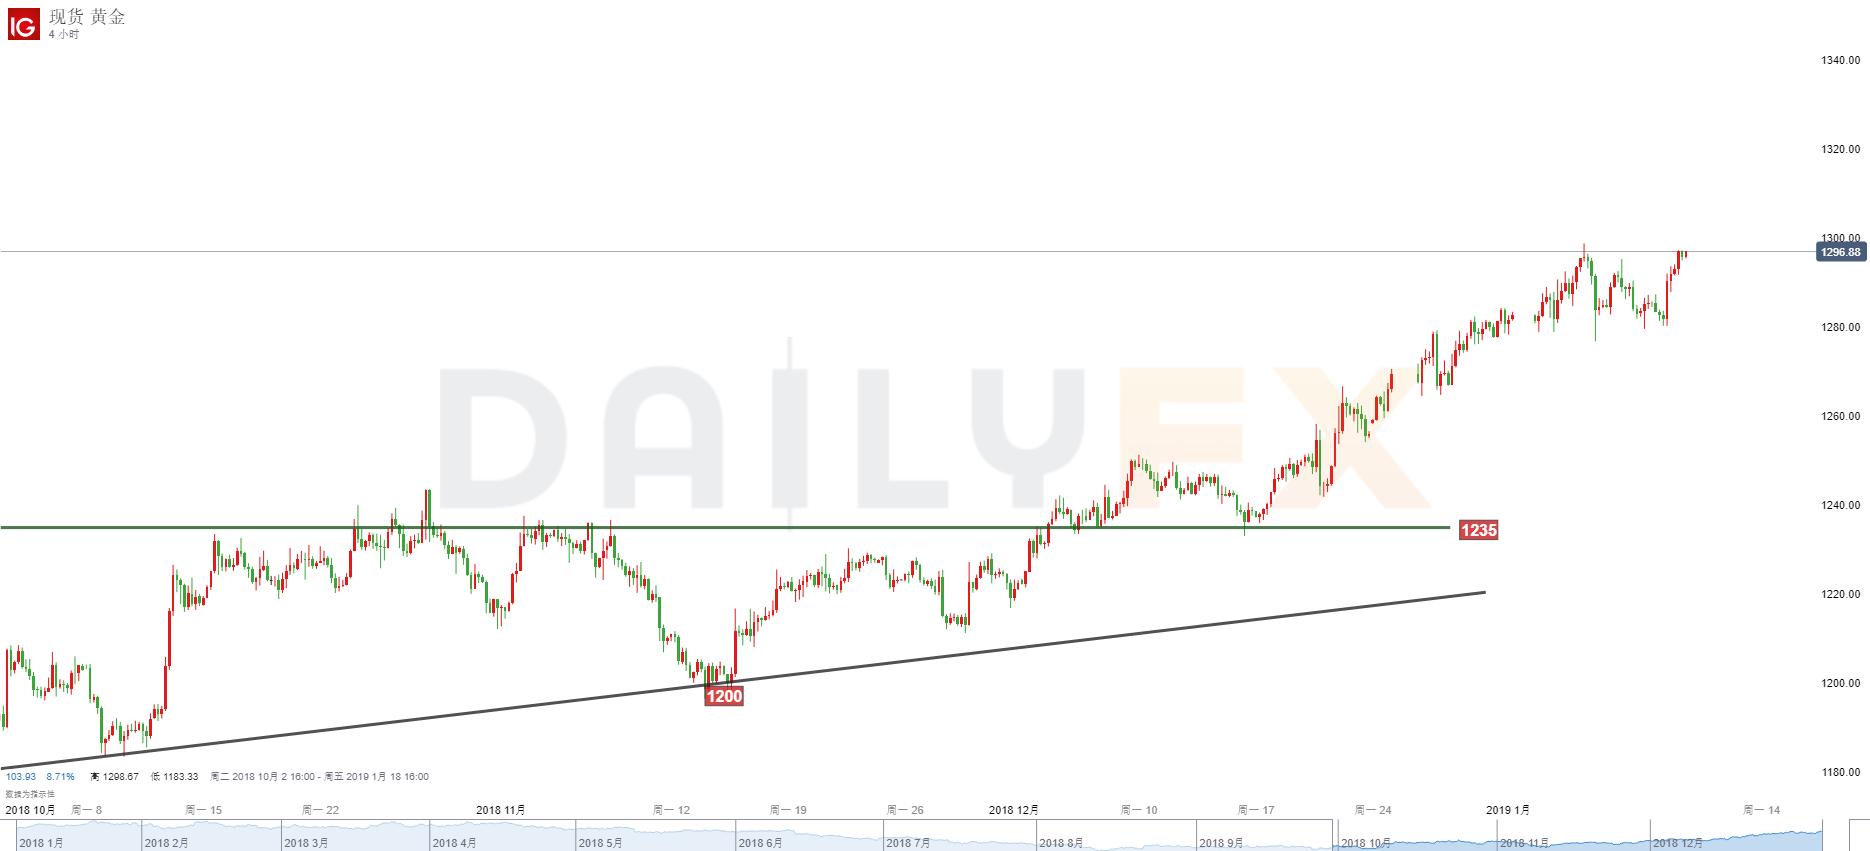 黄金/美元分析:1280止跌反弹,继续关注1300